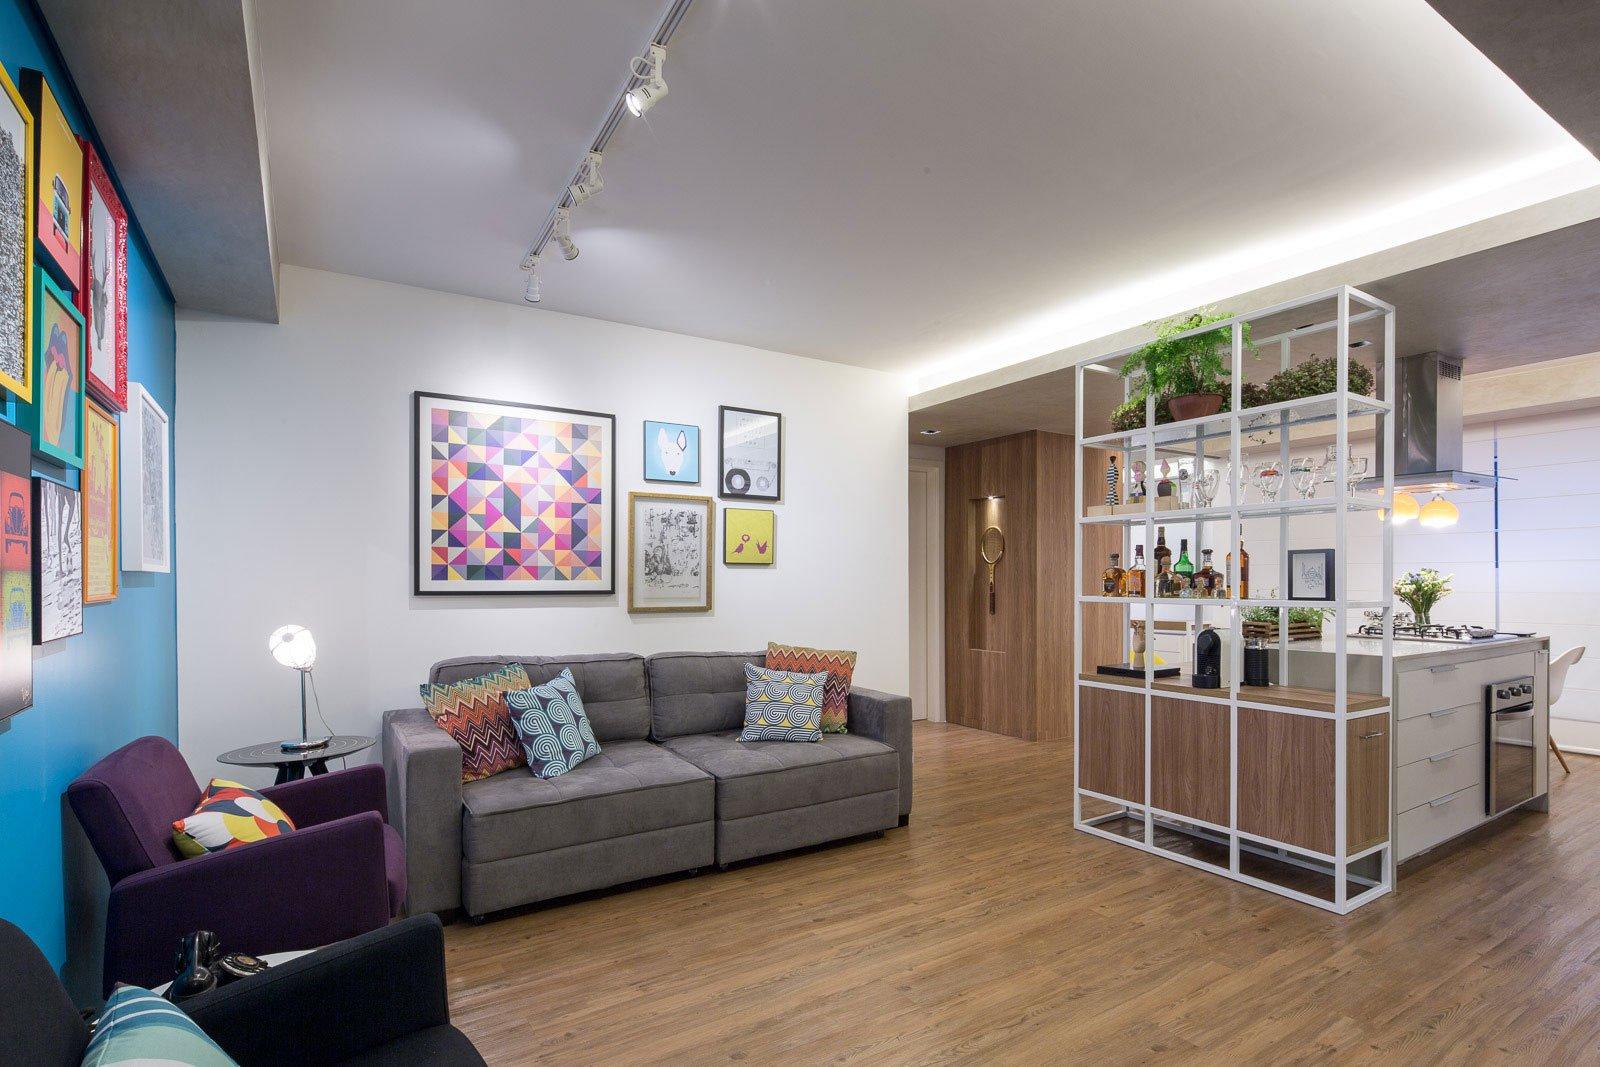 Apartamento-Trama-03